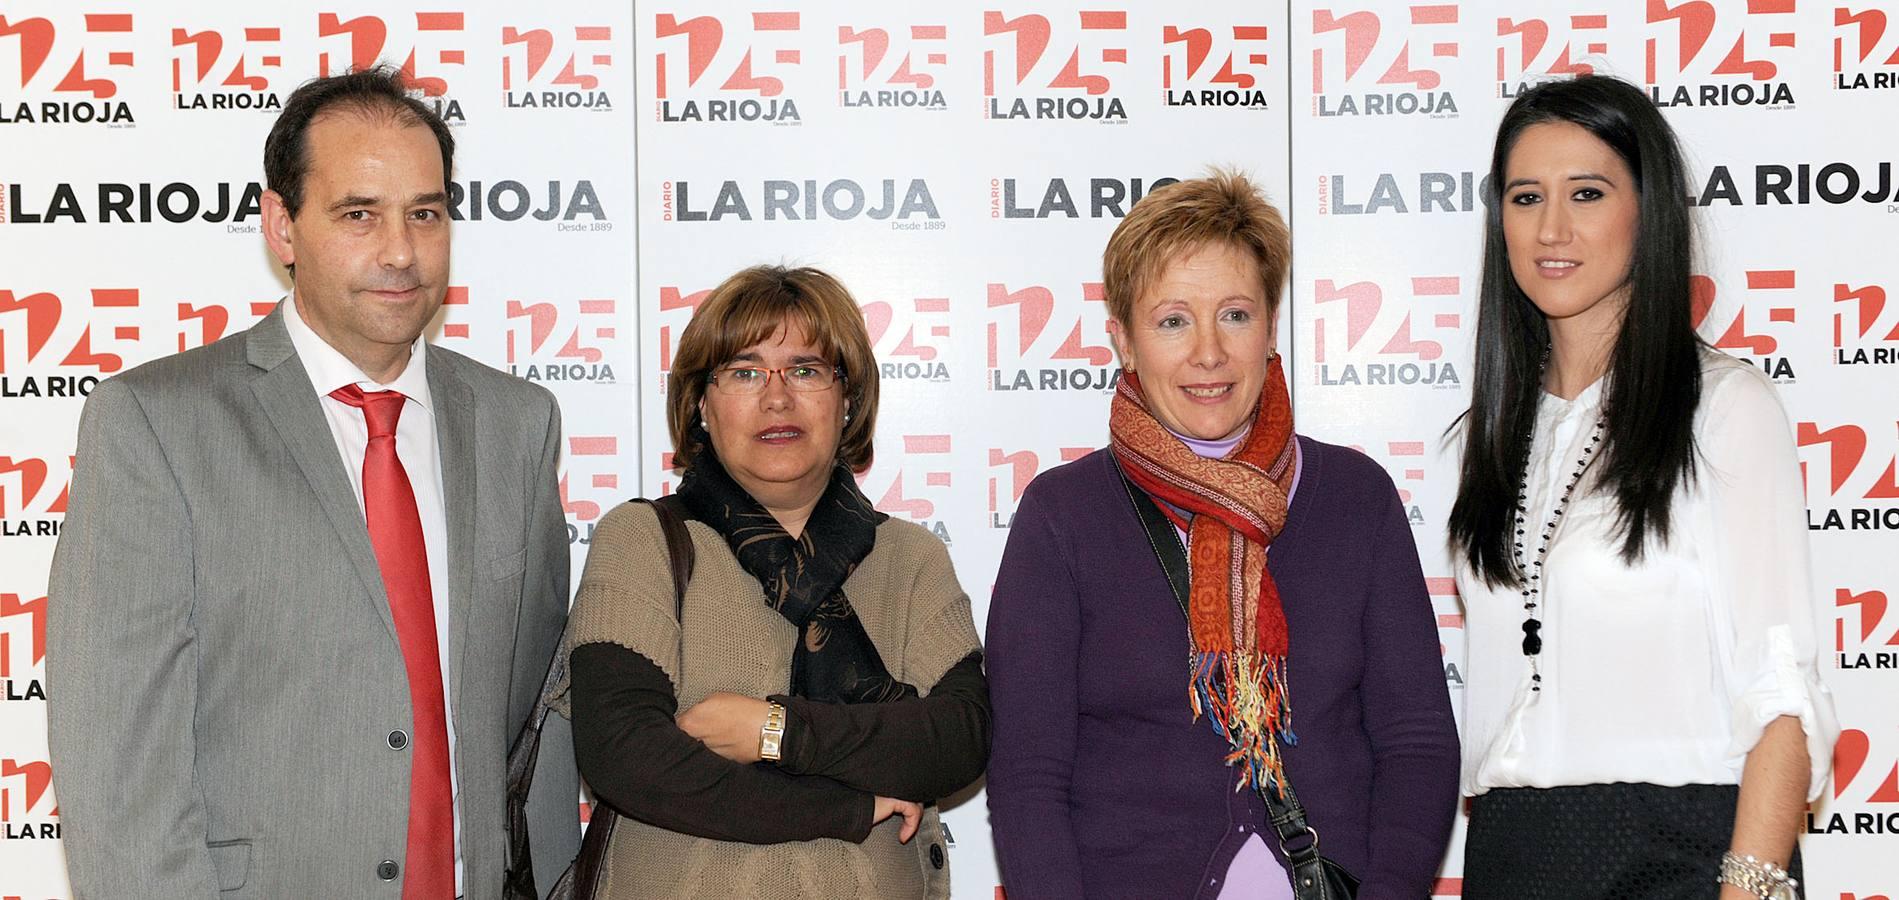 Diario LA RIOJA brinda una fiesta a sus vendedores de prensa (I)